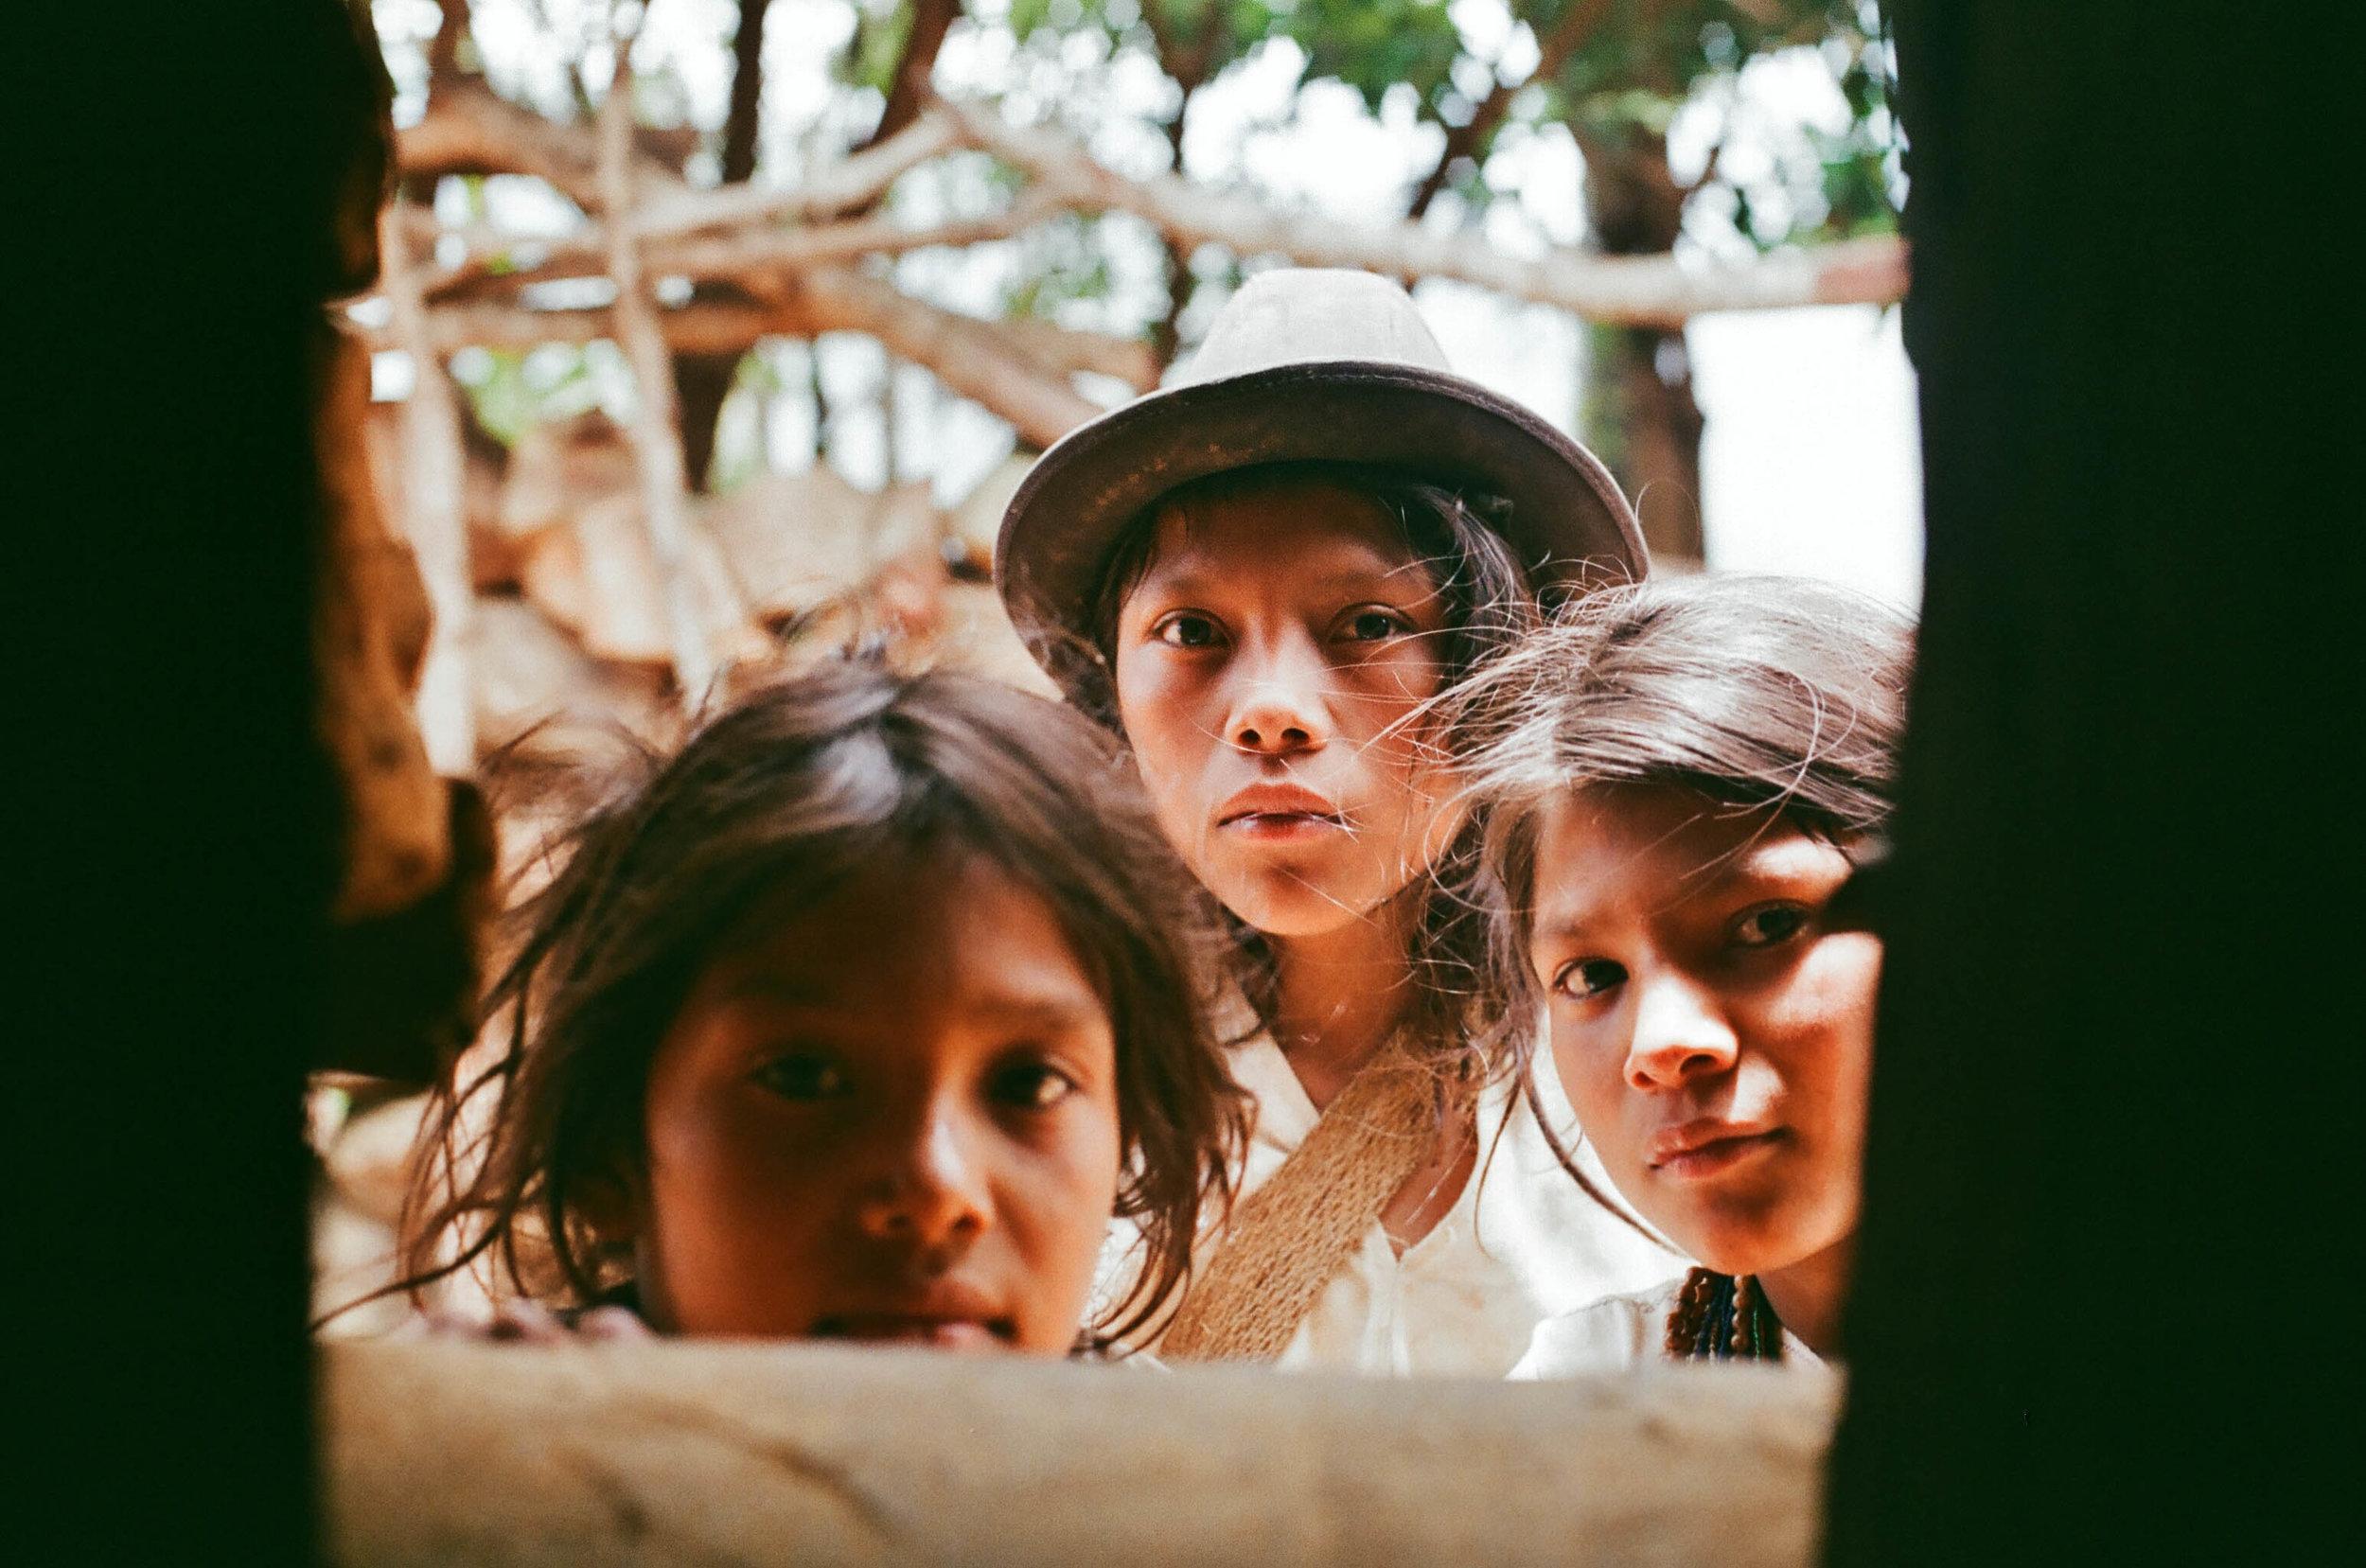 Arhuaco kids in Sierra Nevada de Santa Marta. 2017